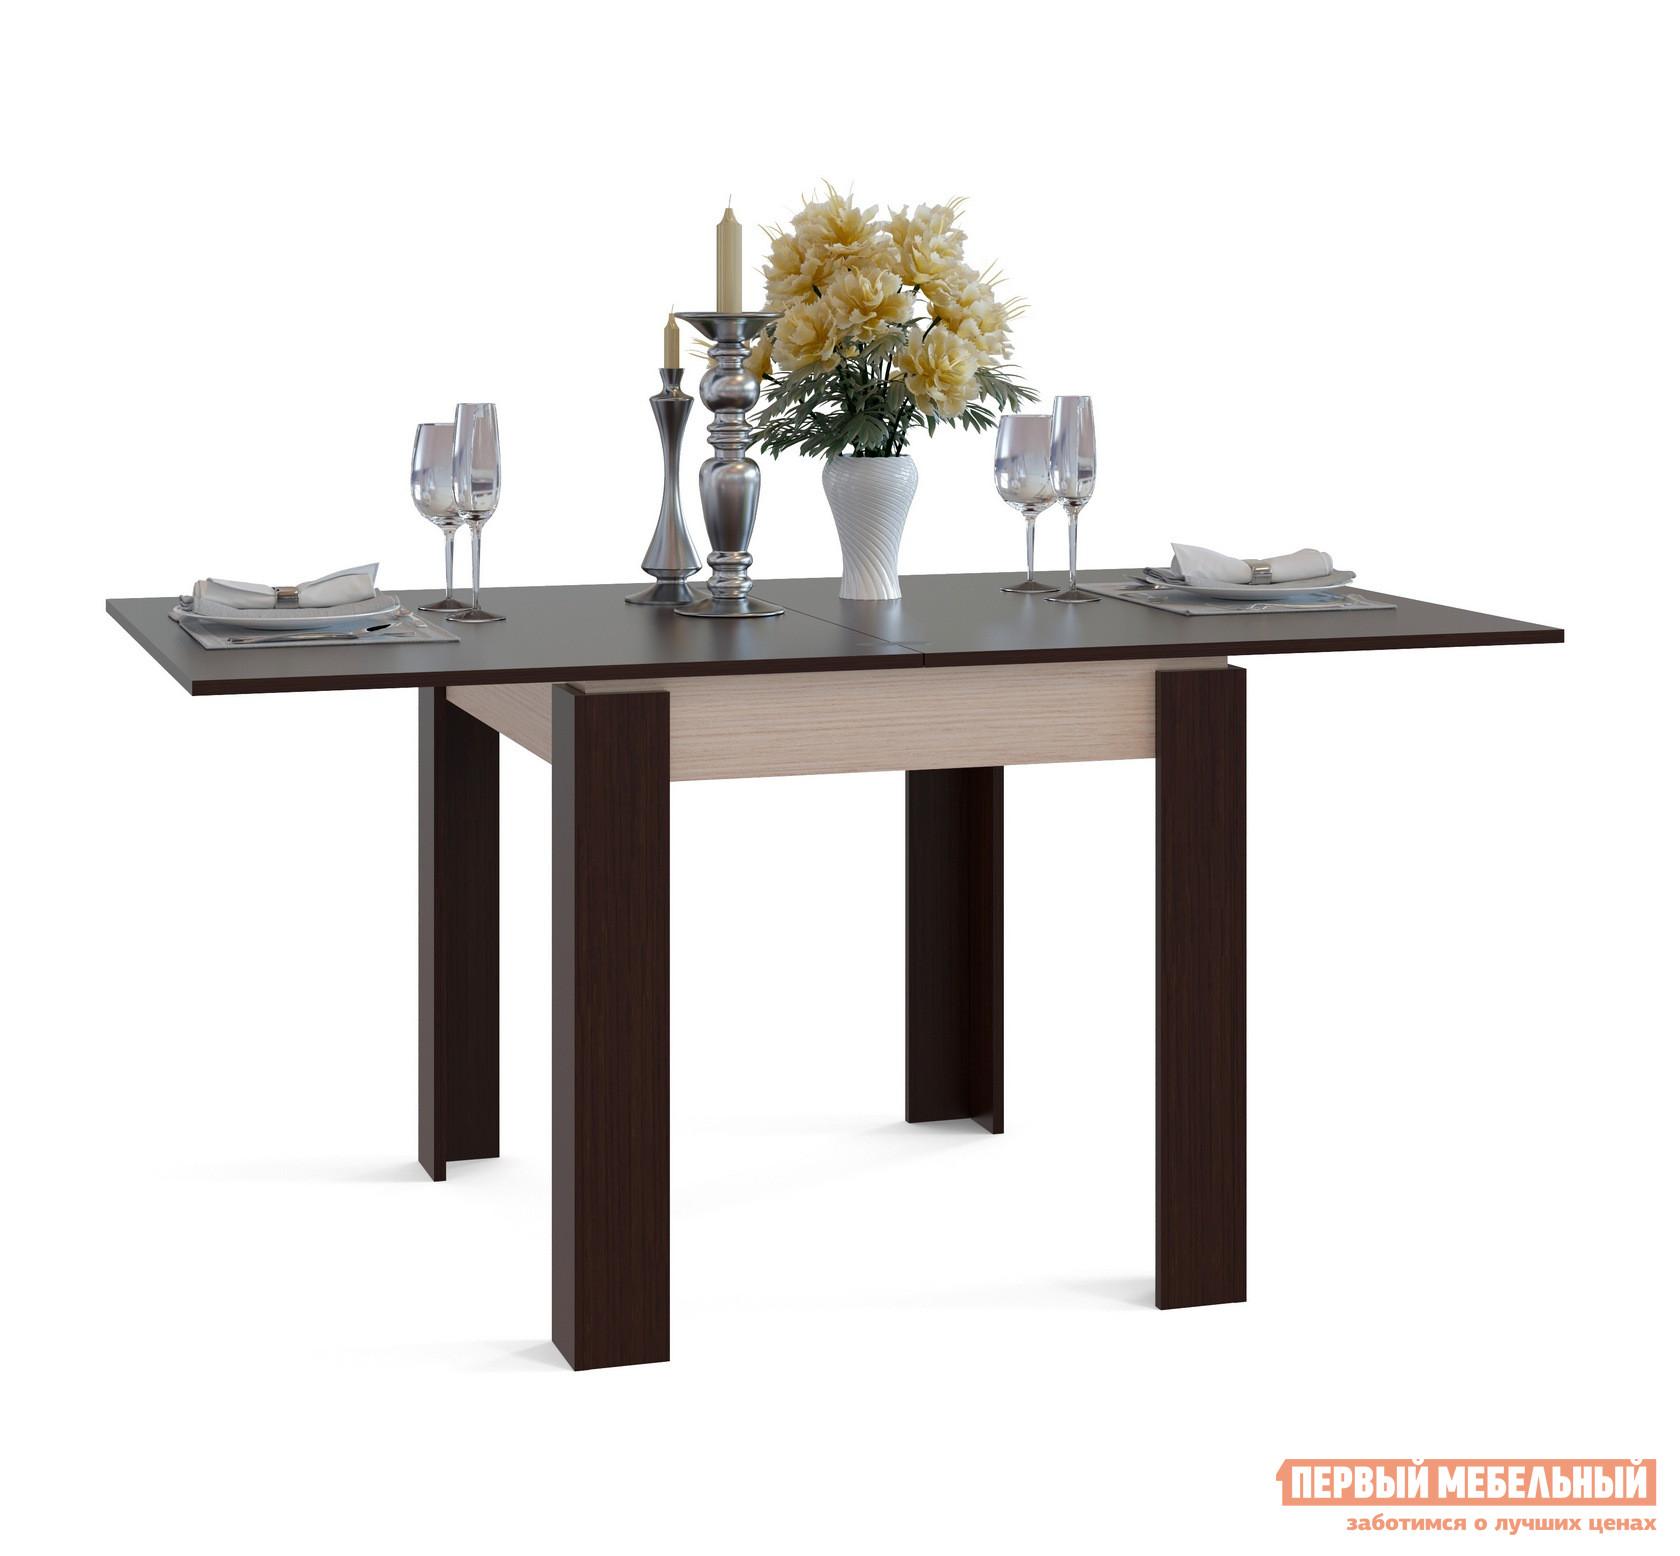 Кухонный стол Сокол СО-2 Подстолье Беленый дуб / Столешница, ножки Венге